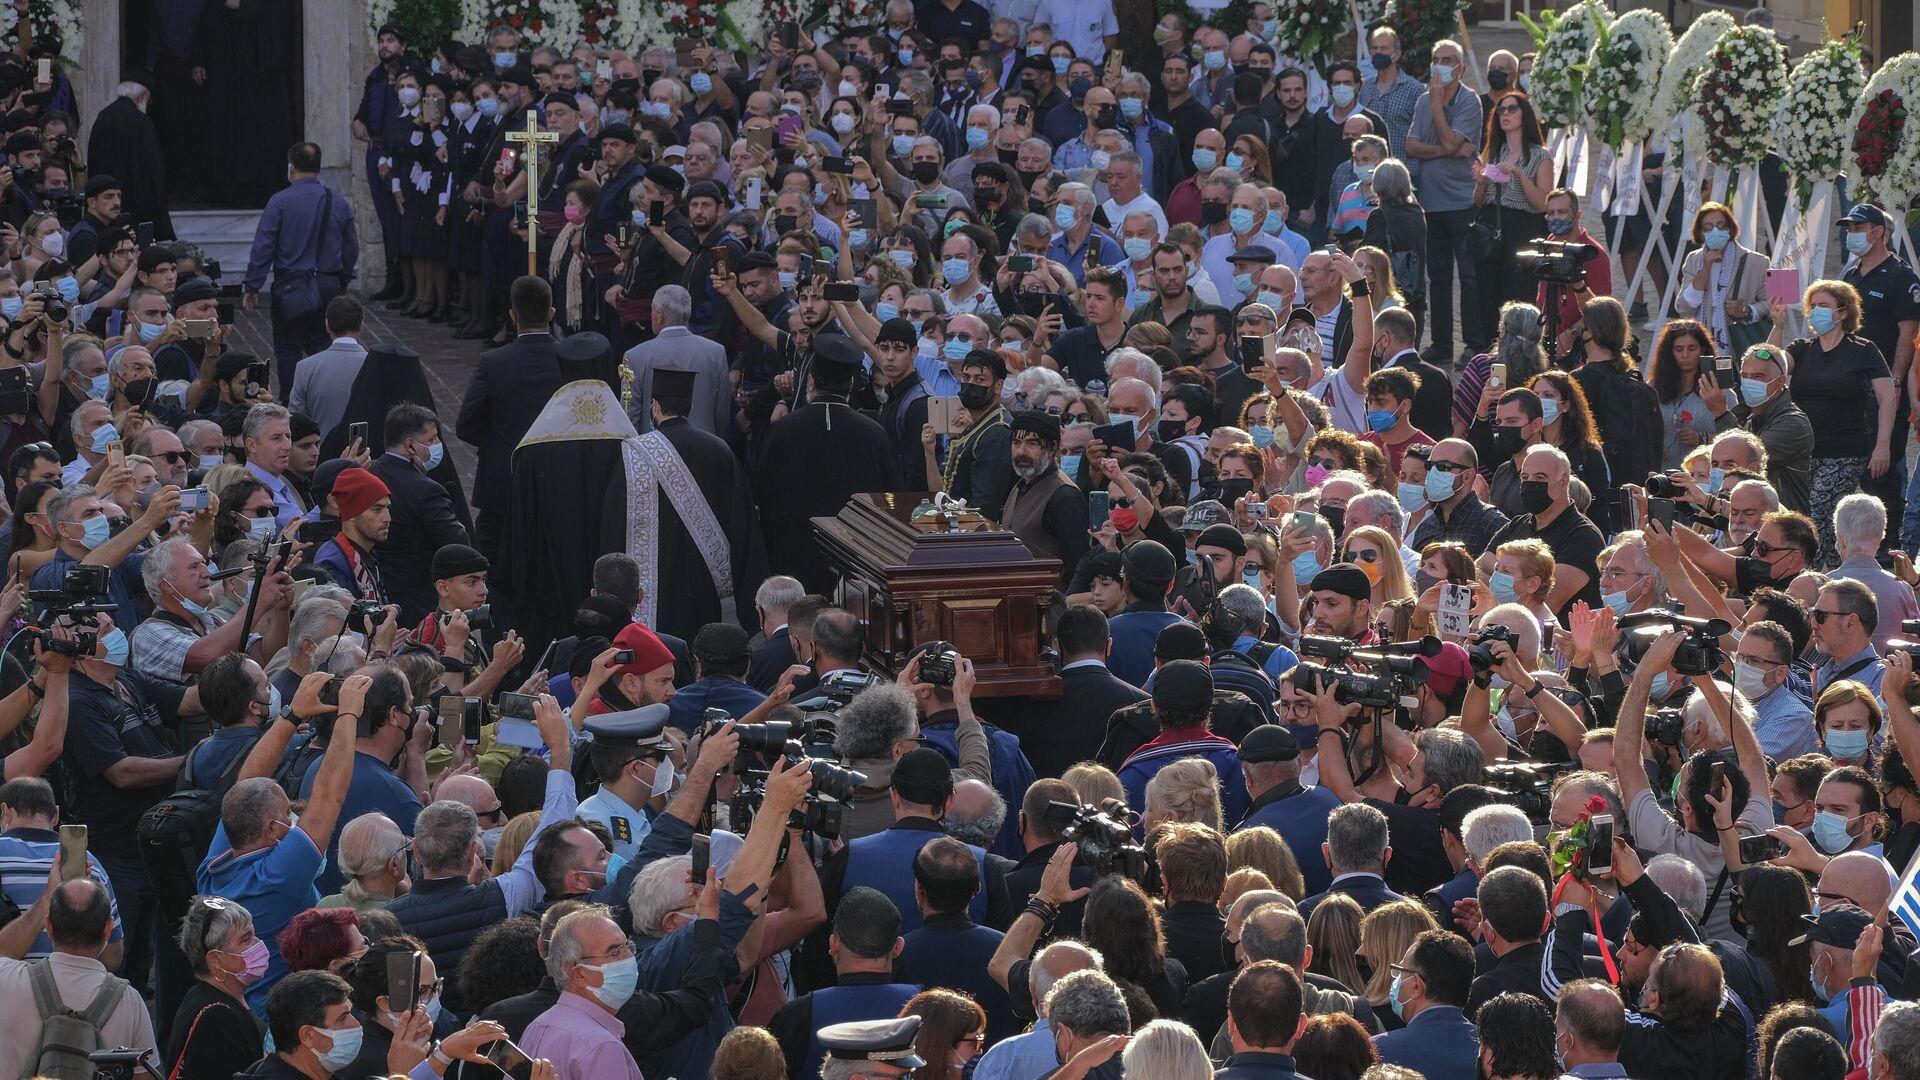 Κηδεία Μίκη Θεοδωράκη - Sputnik Ελλάδα, 1920, 09.09.2021